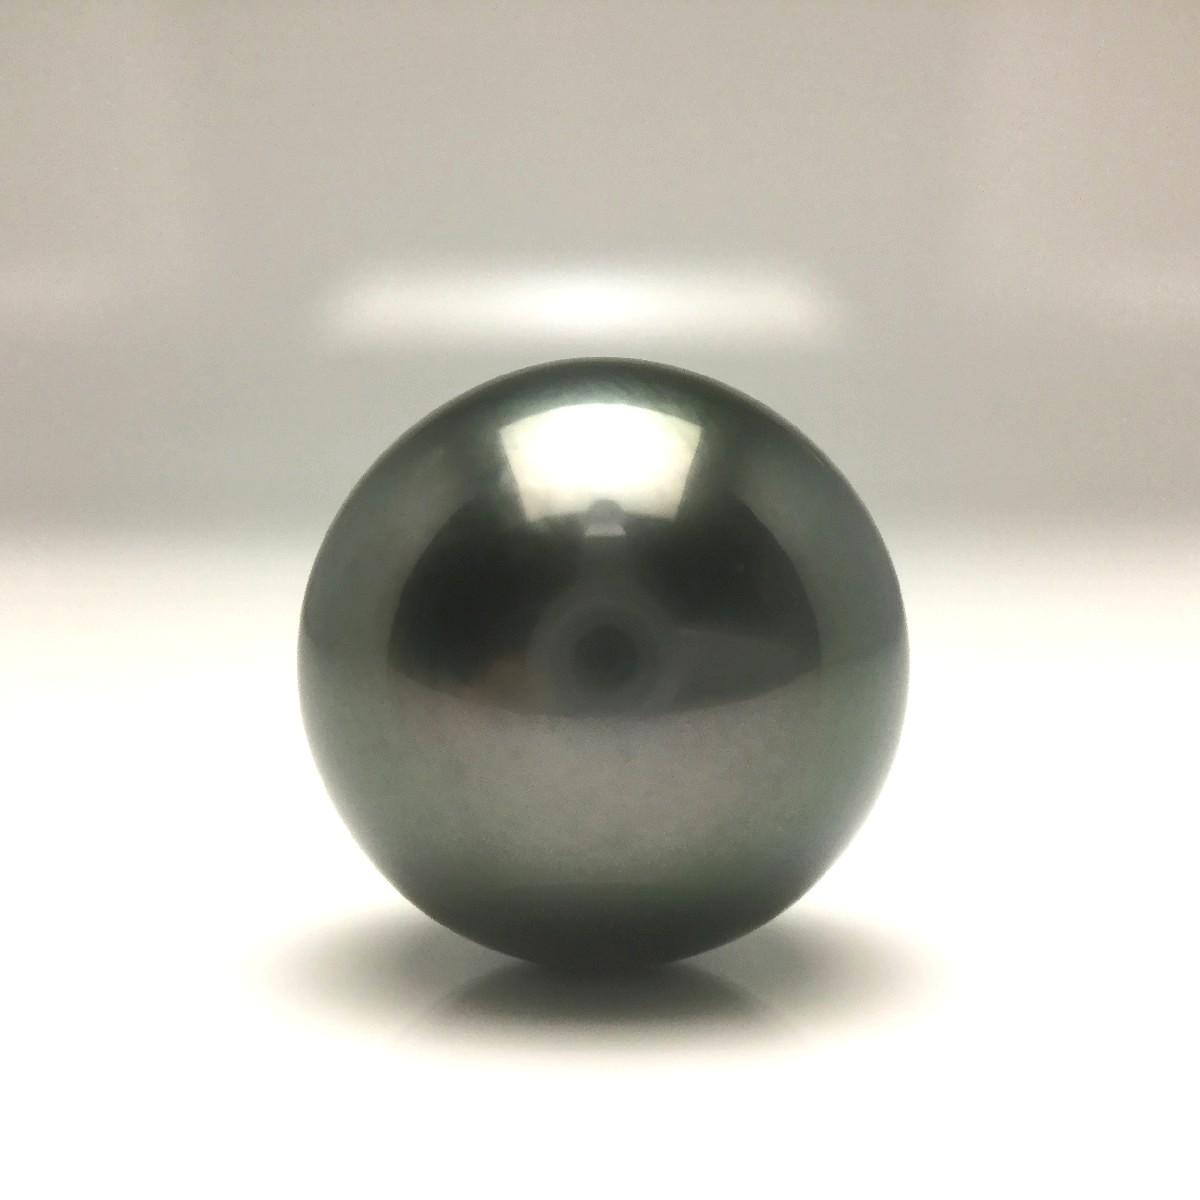 真珠 ネクタイピン パール 黒蝶真珠 14.29mm ミドルグリーン Pt900 プラチナ 針 66386 イソワパール